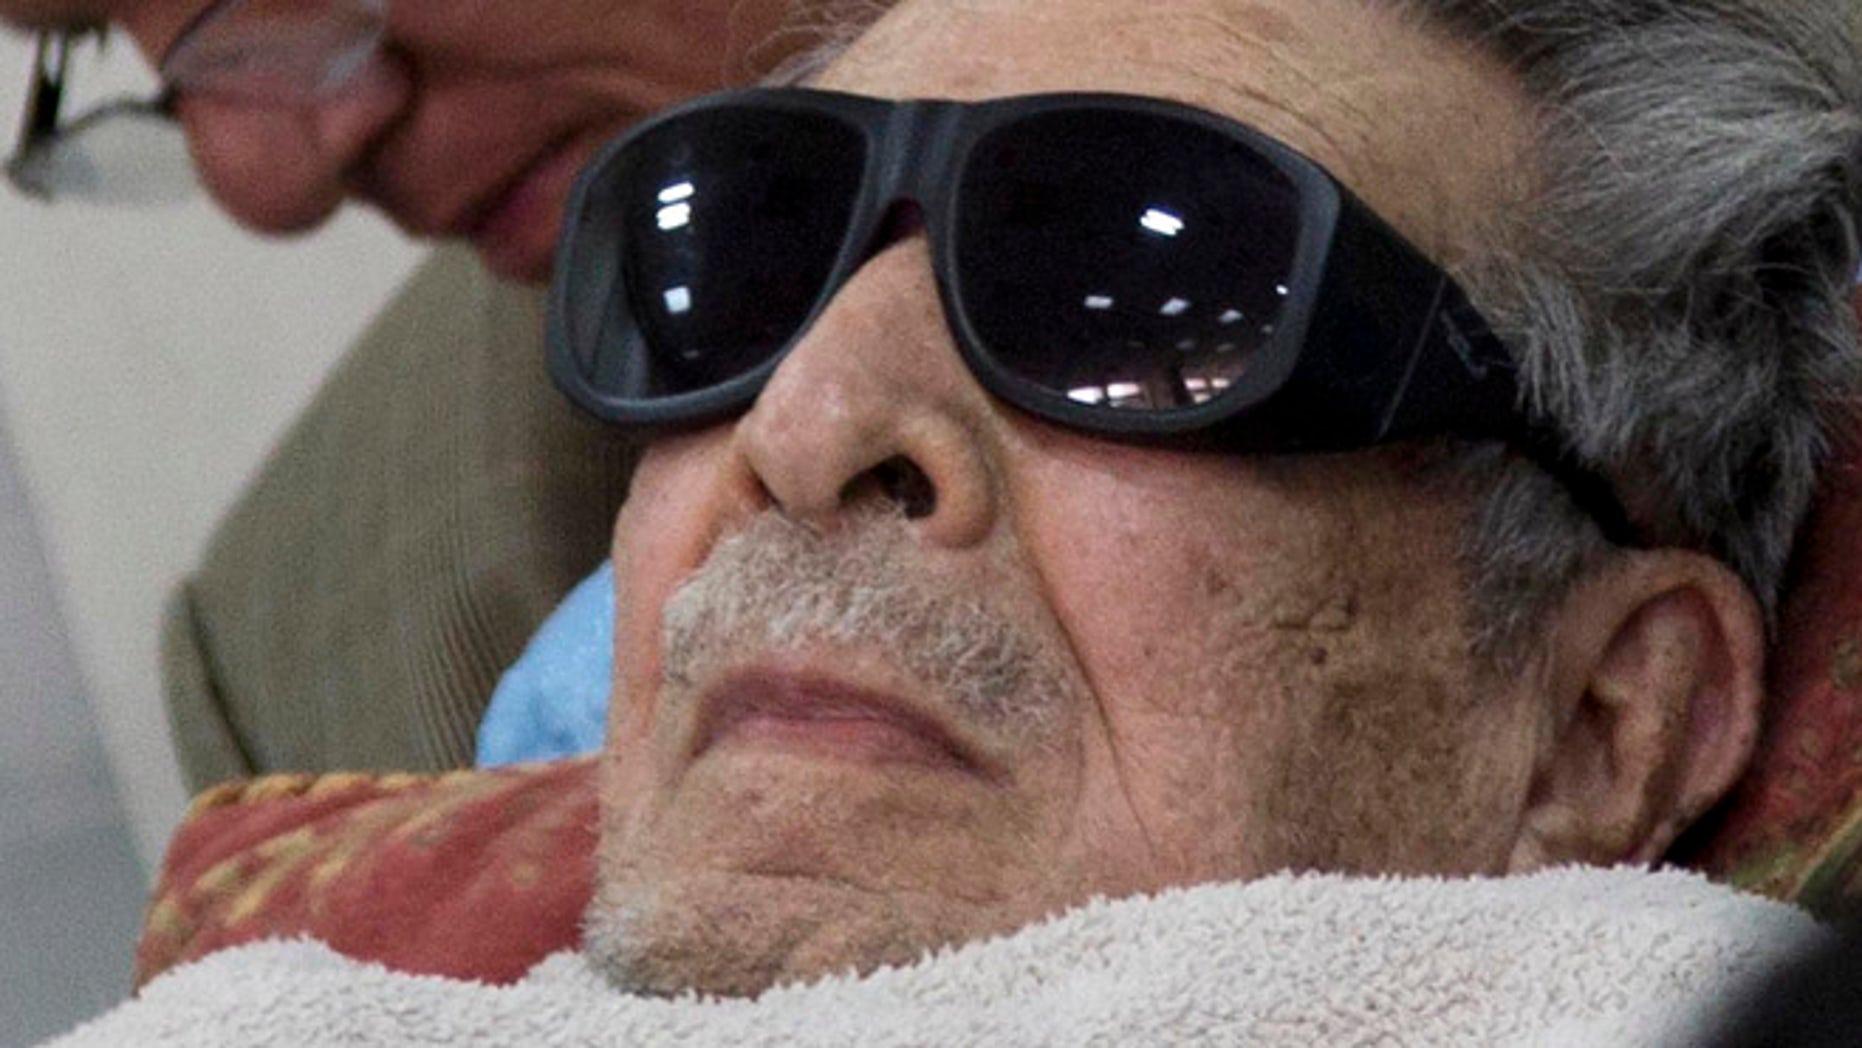 En esta fotografía de archivo del 5 de enero de 2015, el exdictador guatemalteco José Efraín Ríos Montt llega en una camilla a una corte donde enfrenta cargos de genocidio y crímenes contra la humanidad en Ciudad de Guatemala. Una corte ordenó el jueves 23 de julio de 2015 que Ríos Montt sea internado en un hospital psiquiátrico para ser observado durante nueve días, lo que demora que vuelva a ser enjuiciado por cargos de genocidio. Con la orden se busca evaluar la salud física y mental del exgeneral de 89 años tras un reporte que lo halló incompetente para ser enjuiciado. (Foto AP/Luis Soto, archivo)